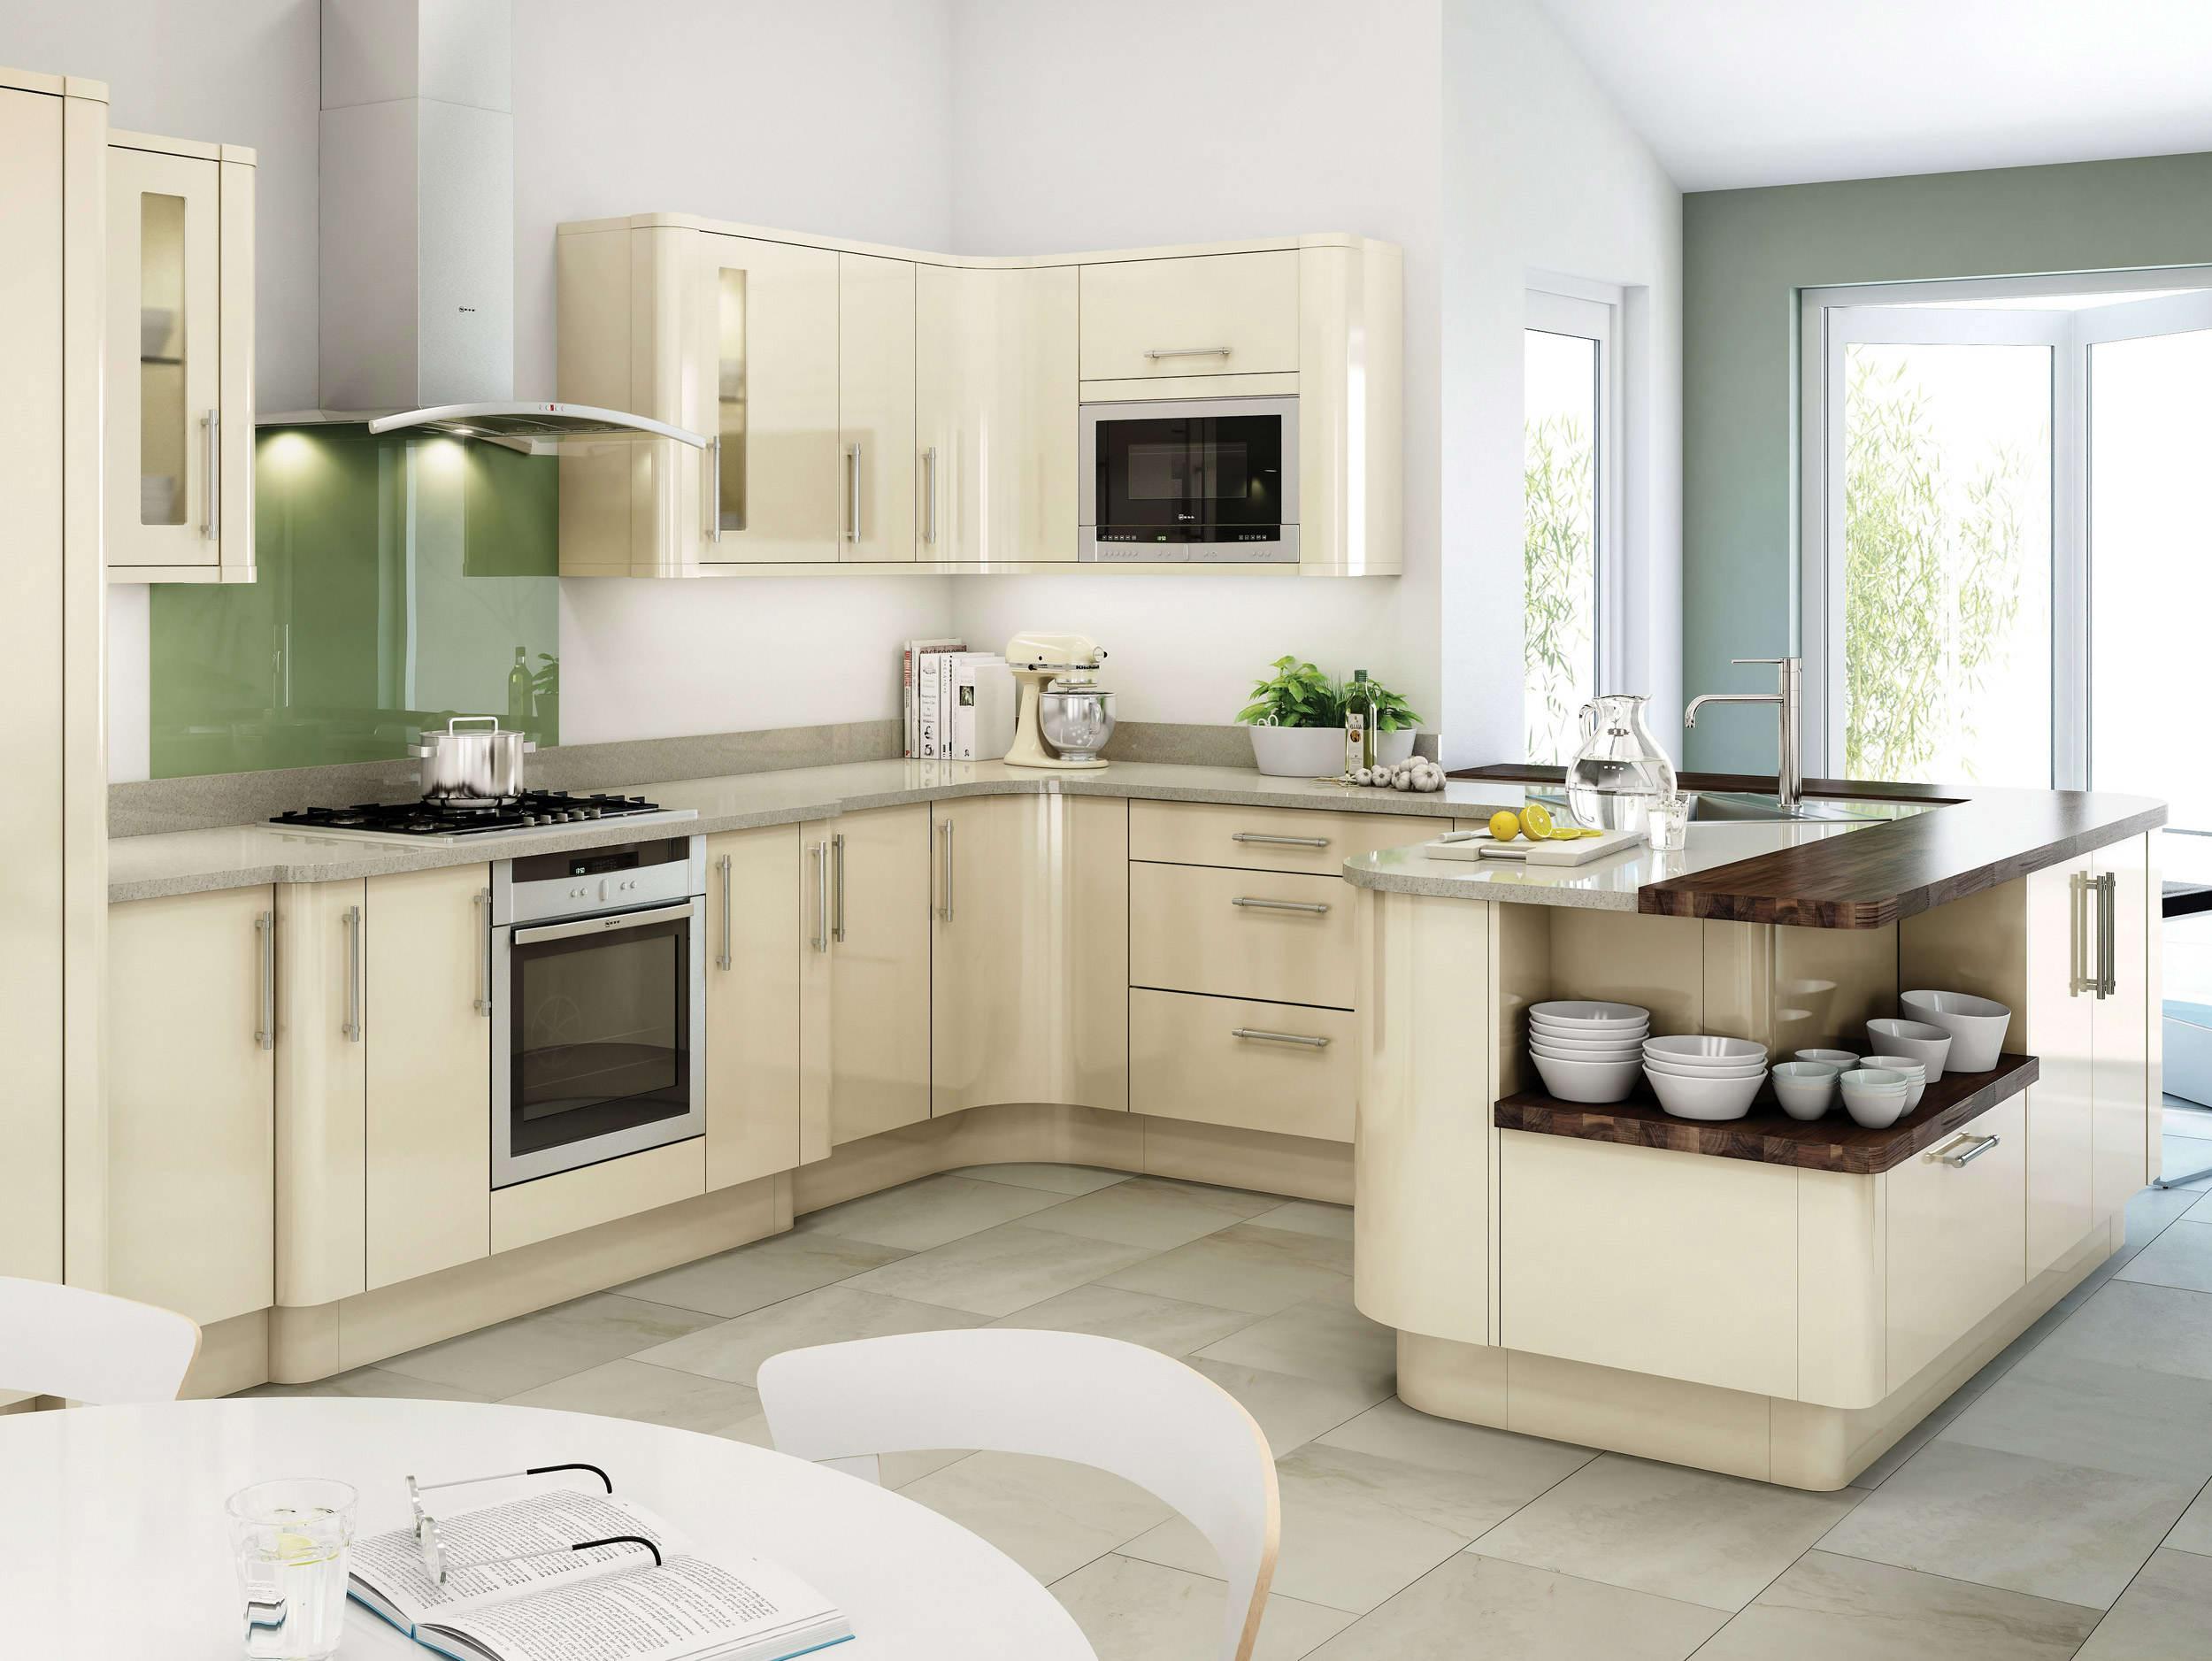 640 Gambar Desain Dapur Jadi Satu Dengan Ruang Makan HD Gratid Unduh Gratis